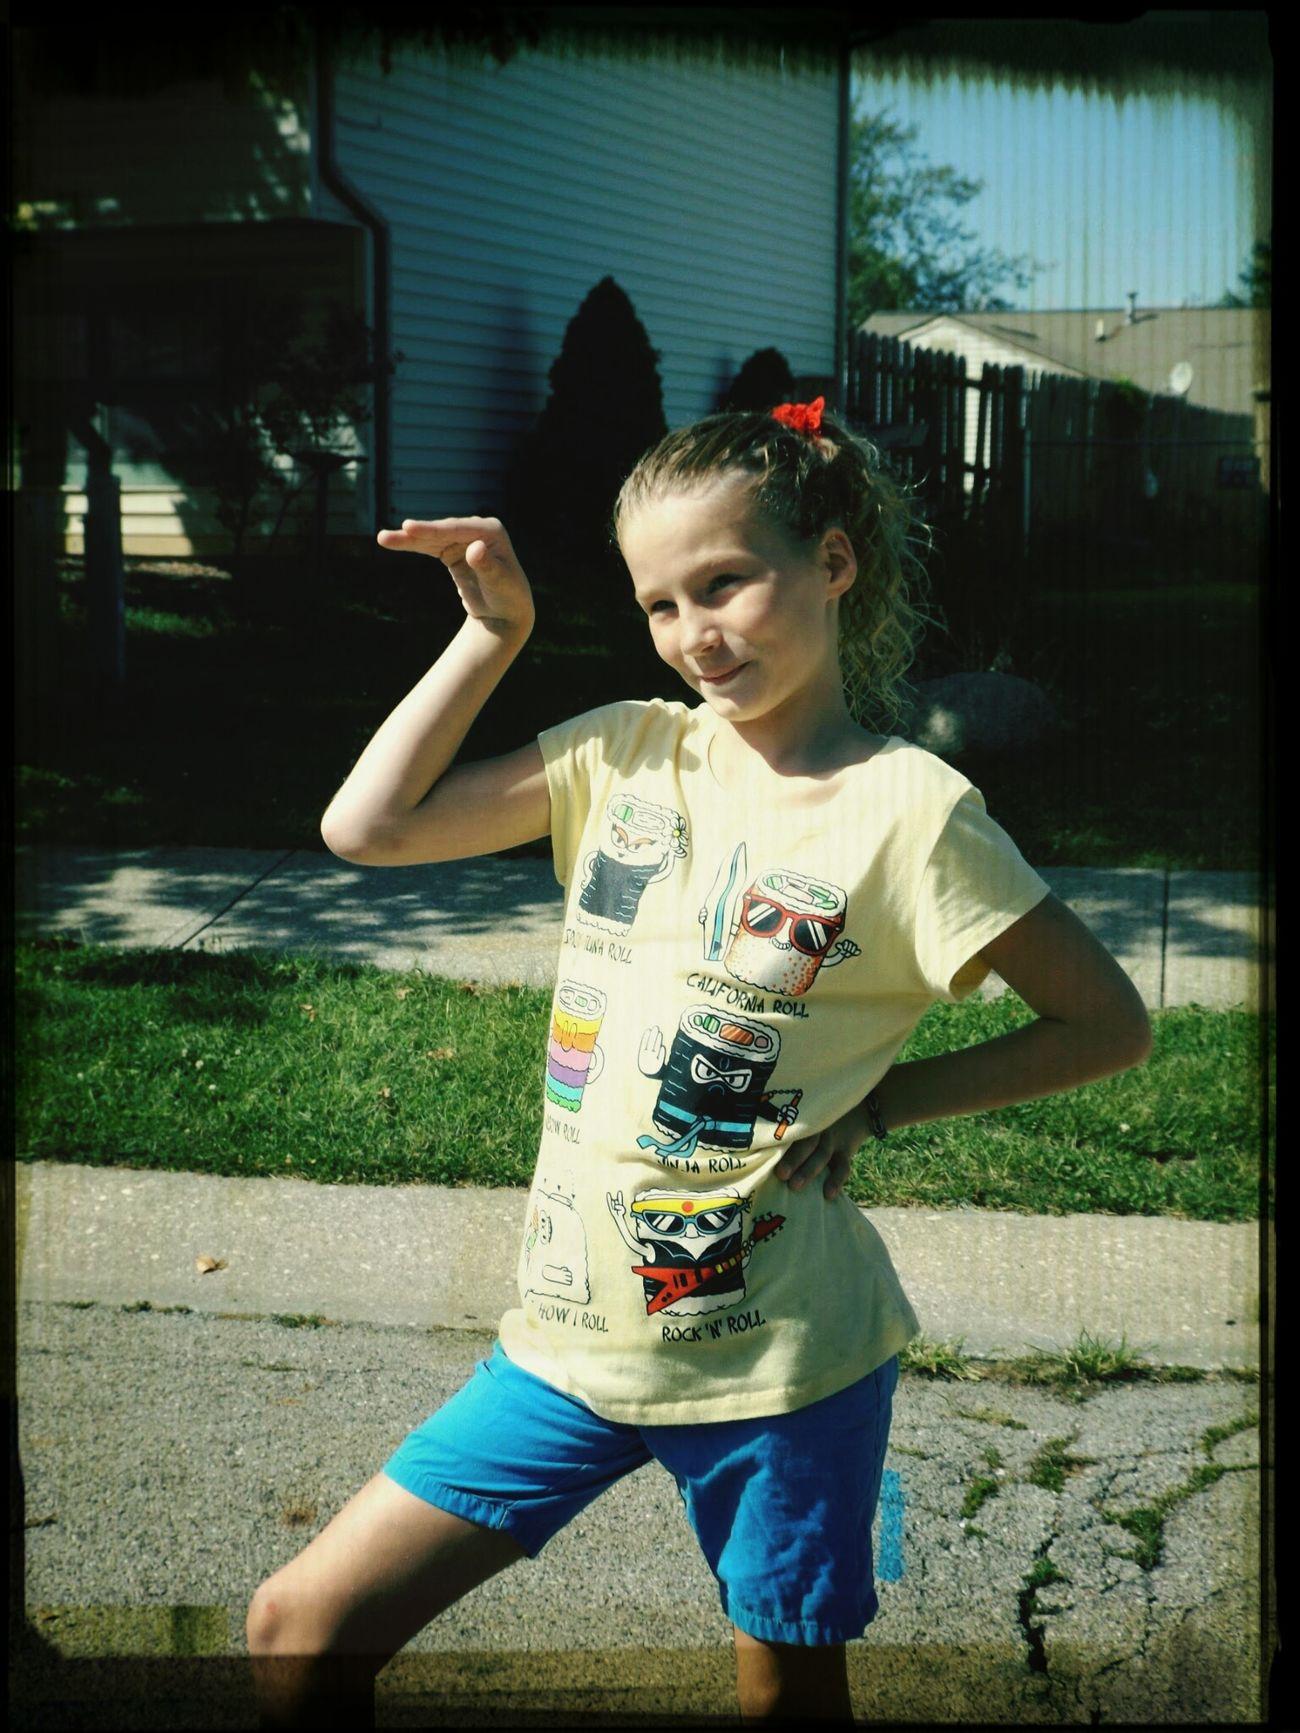 Neighborhood Fun Kids Being Kids Enjoying Life